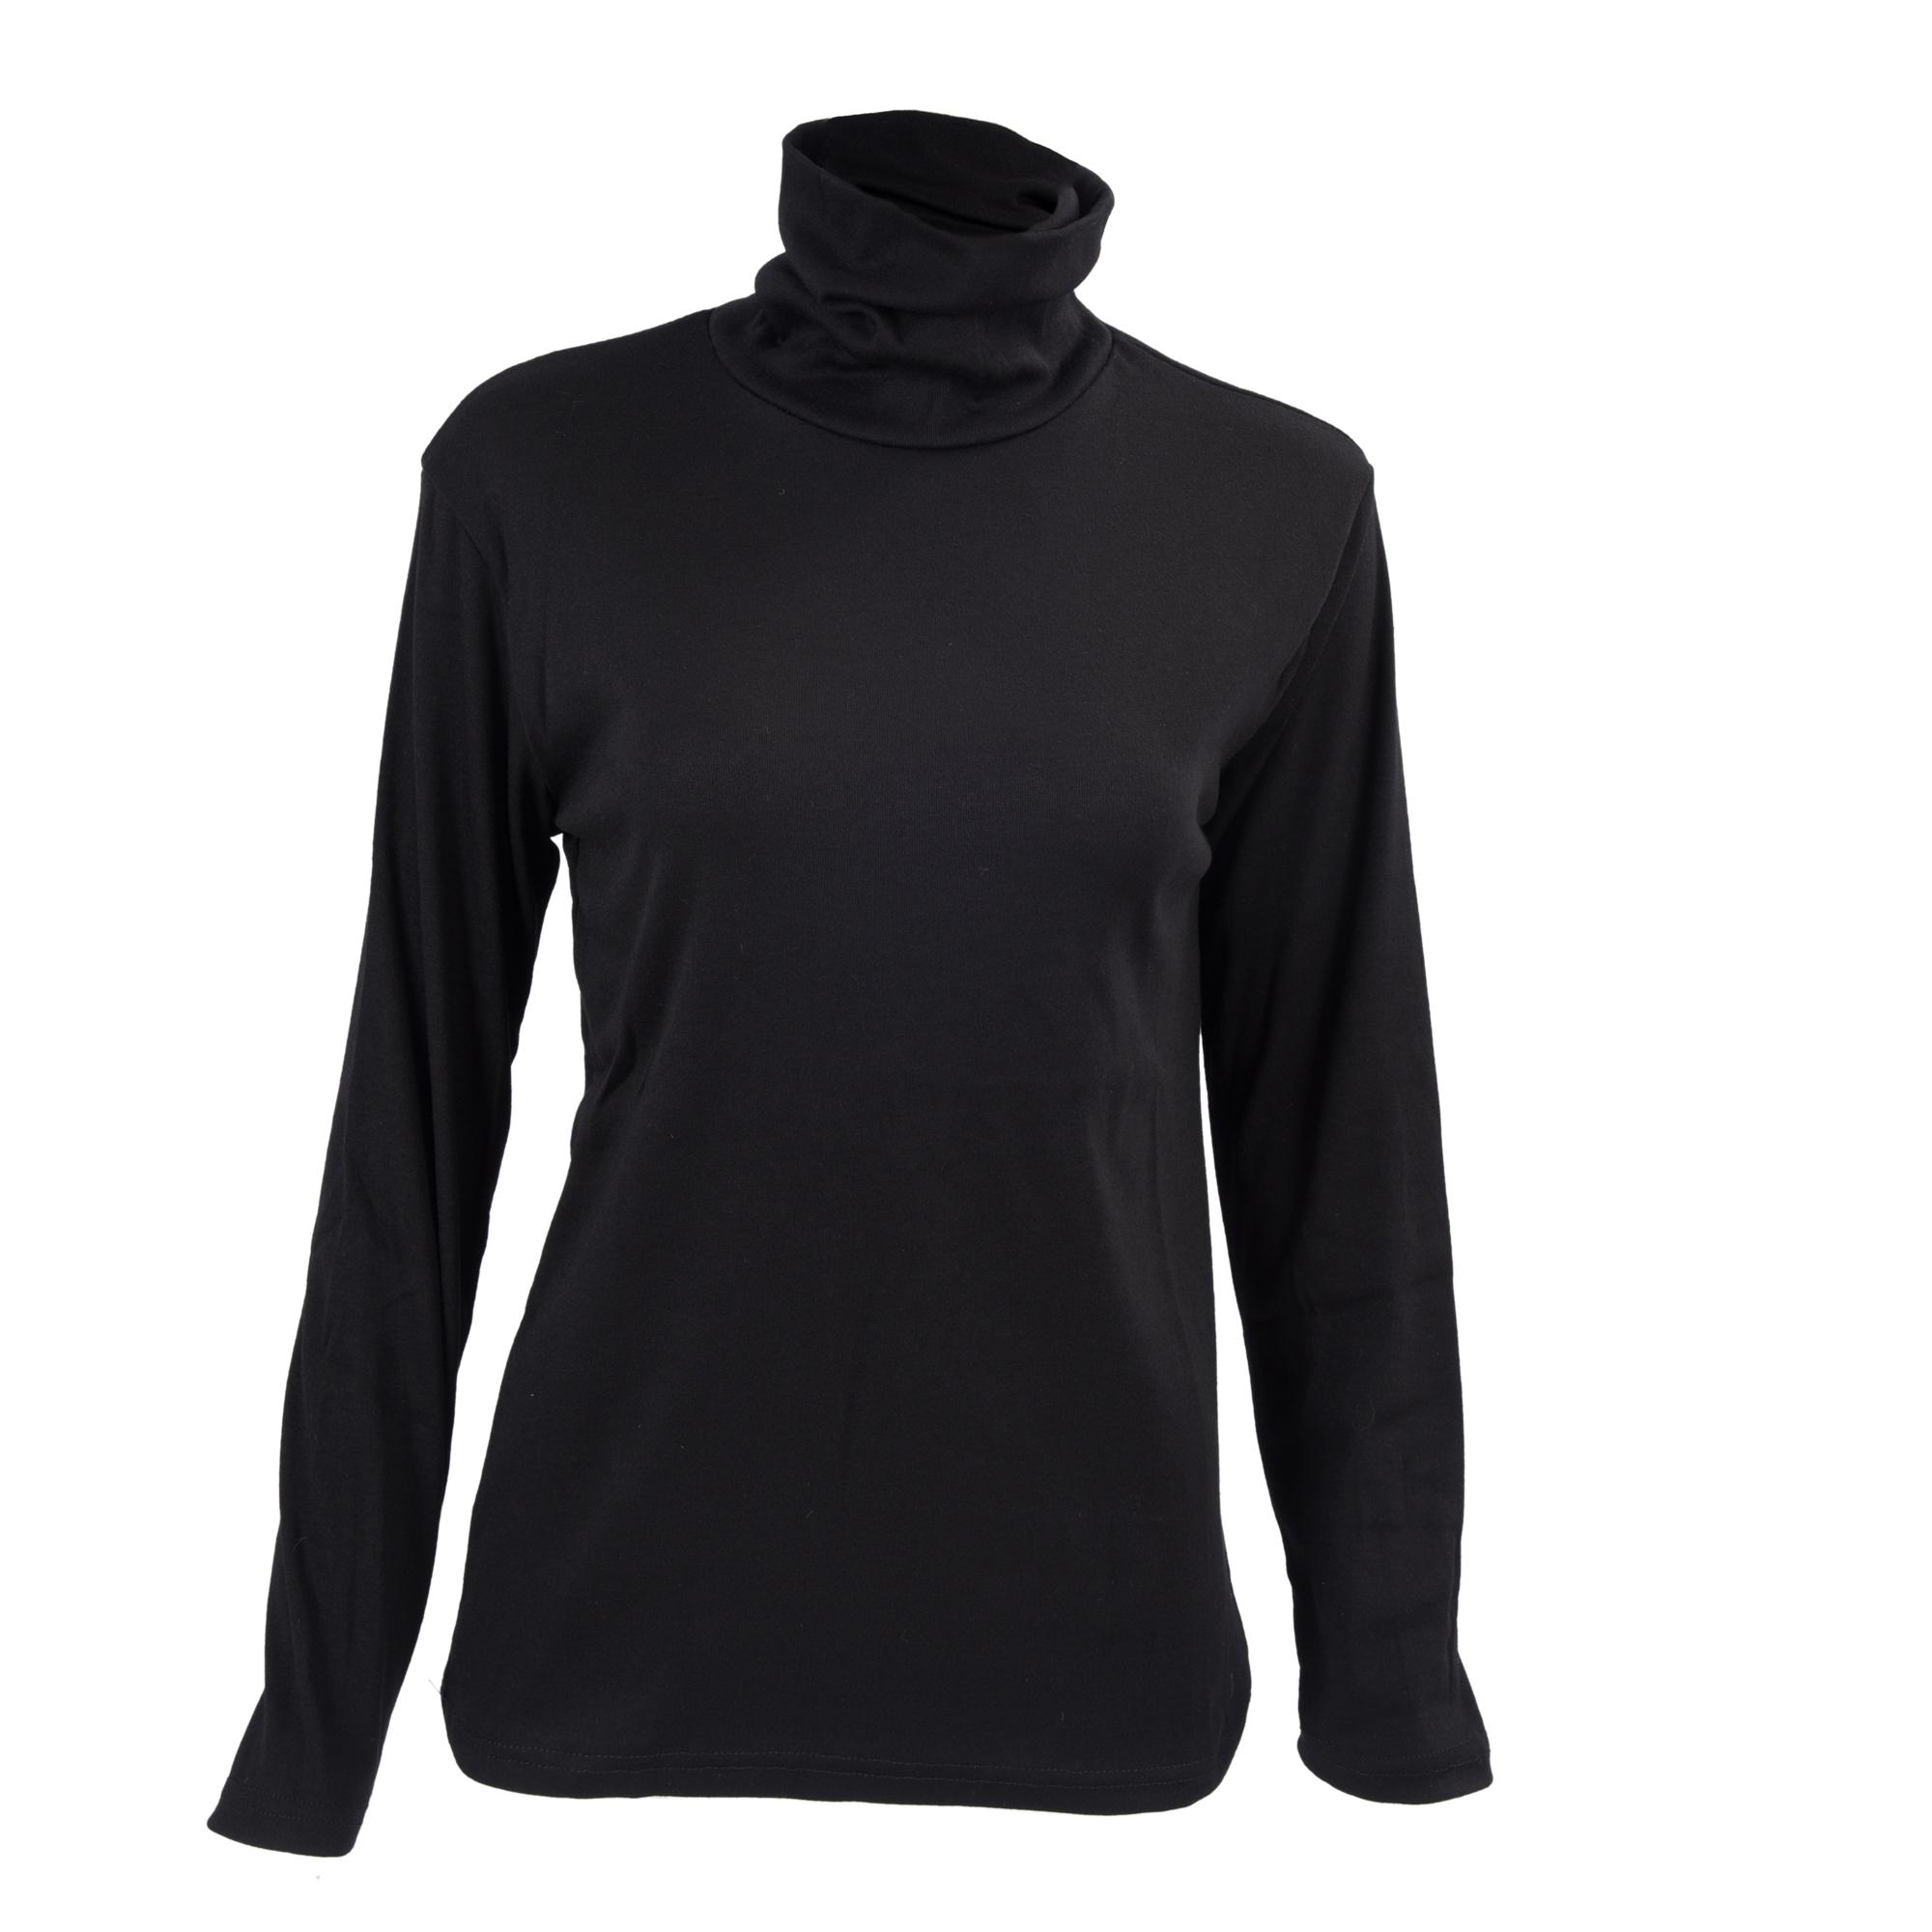 mode fuer maenner herbst winter rollkragenpullover hemd. Black Bedroom Furniture Sets. Home Design Ideas